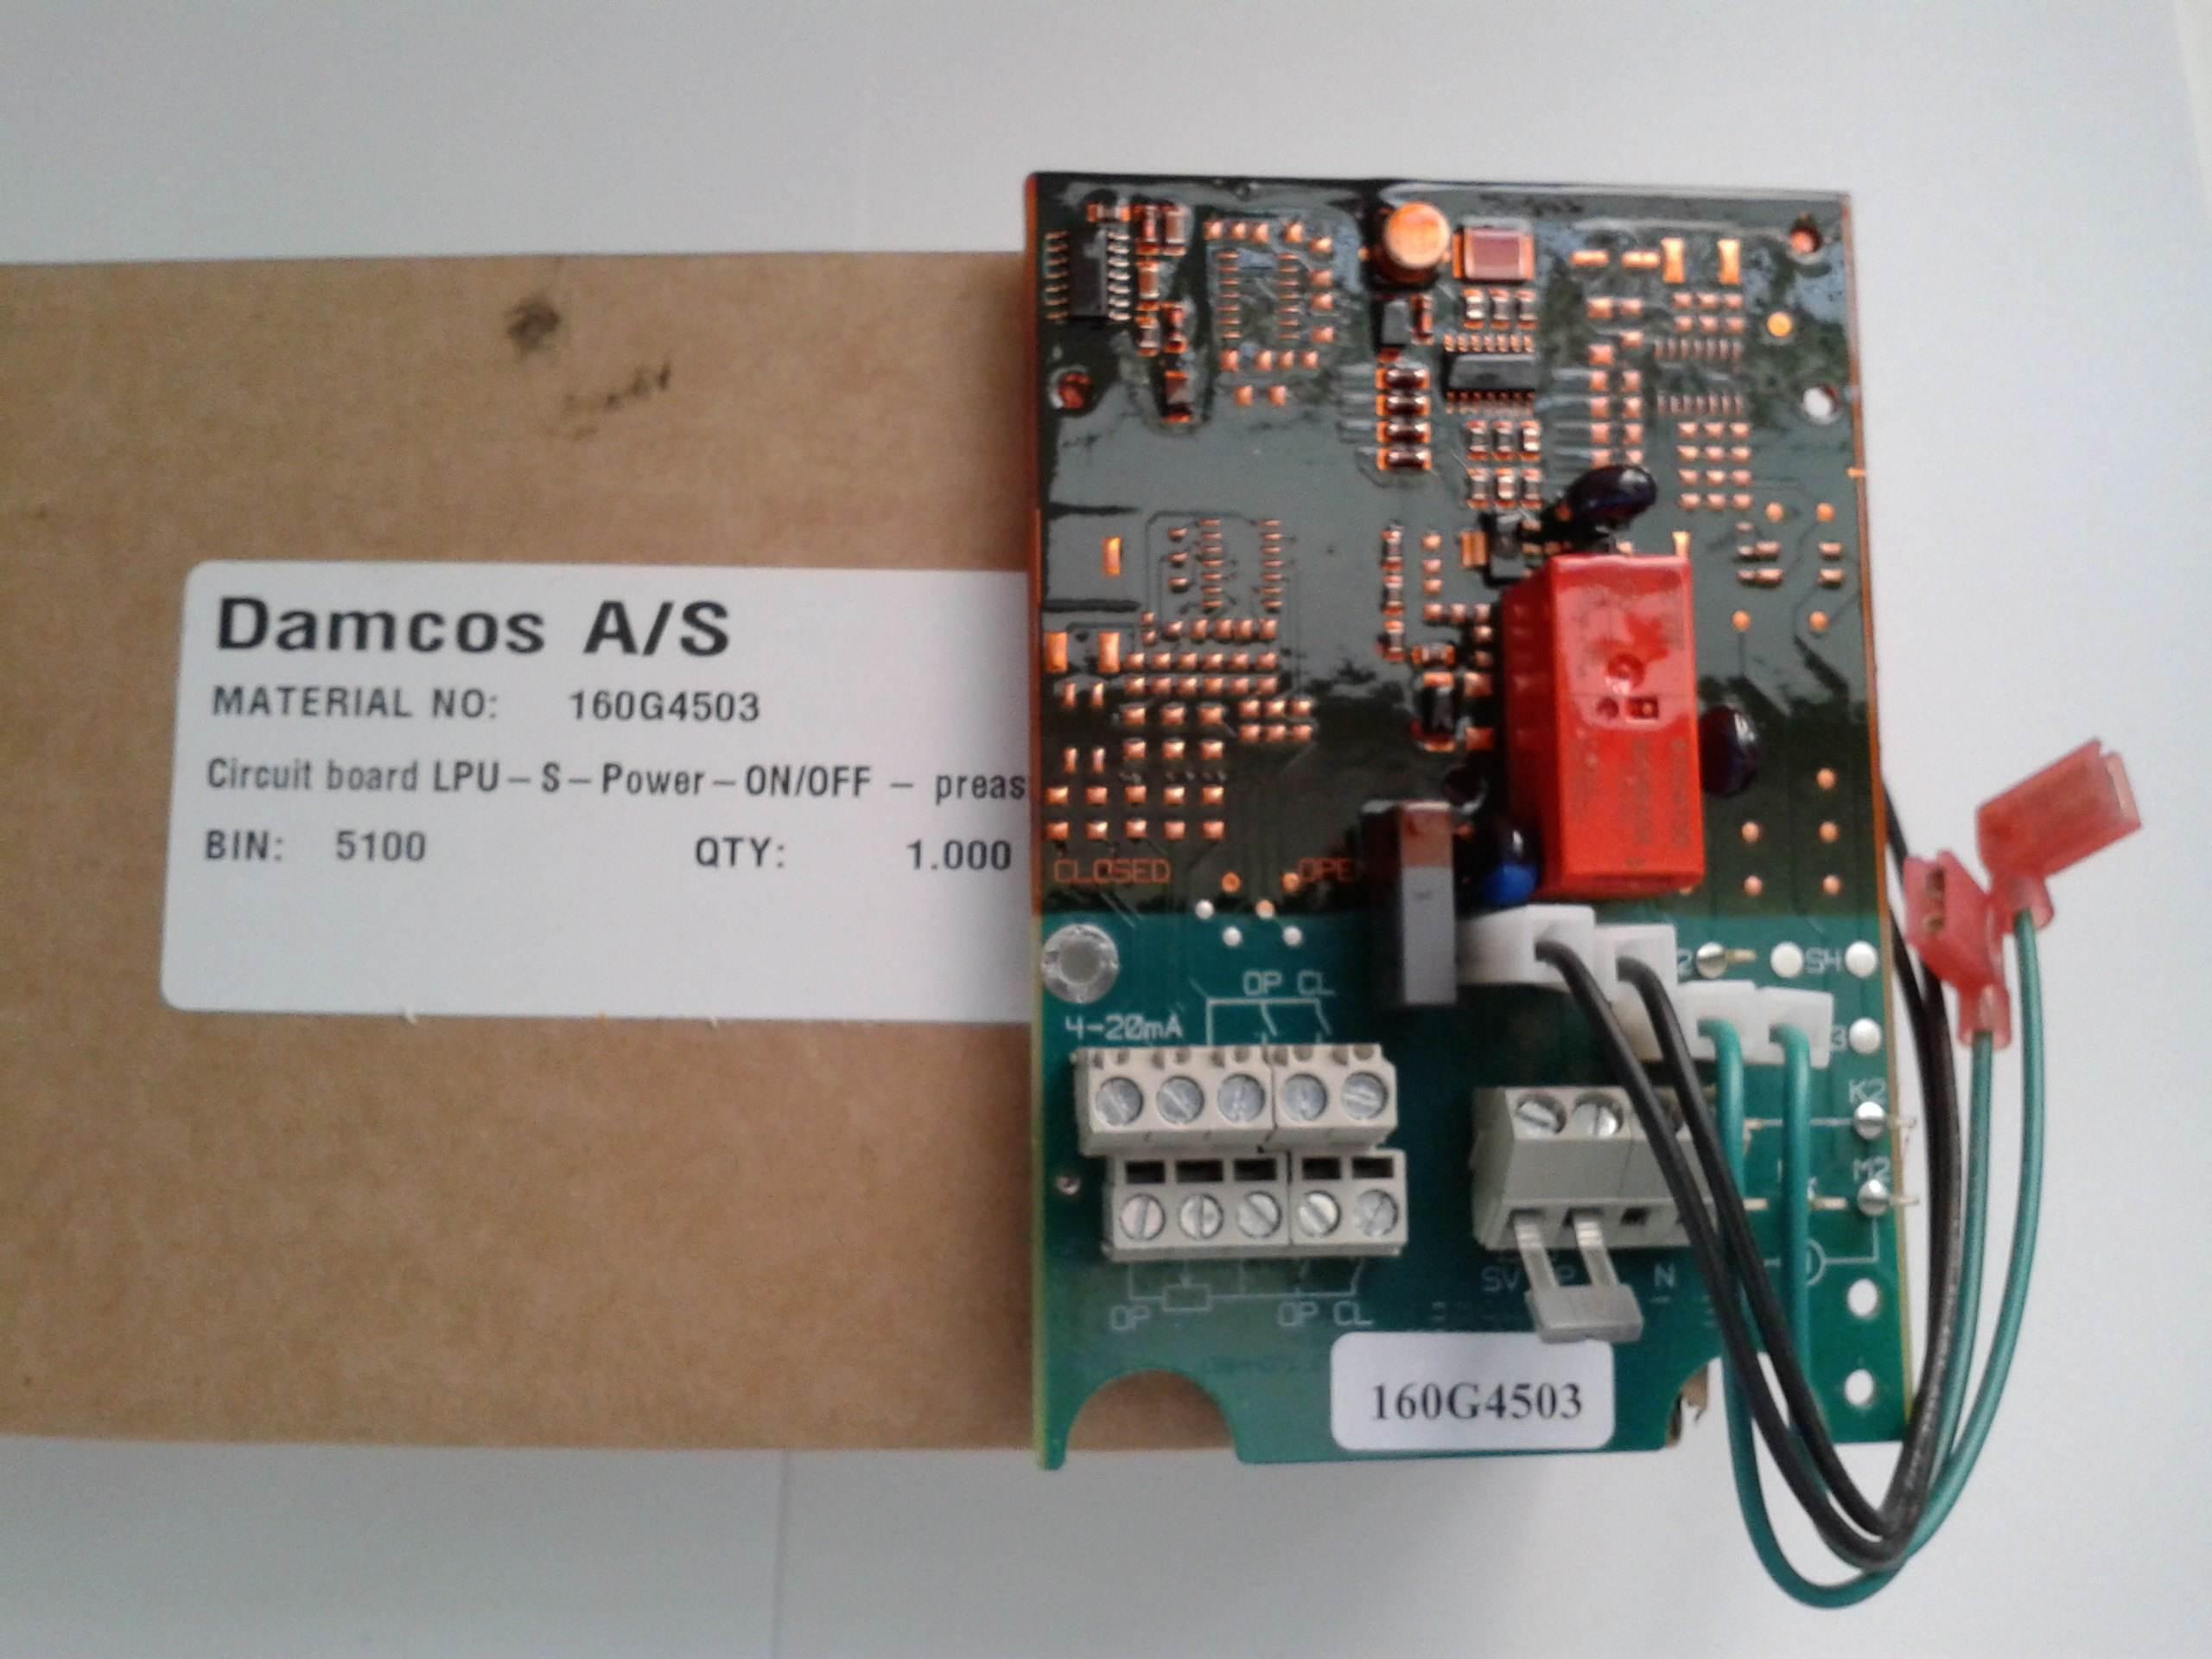 Damcos-160g4503-LPU-Power-Board